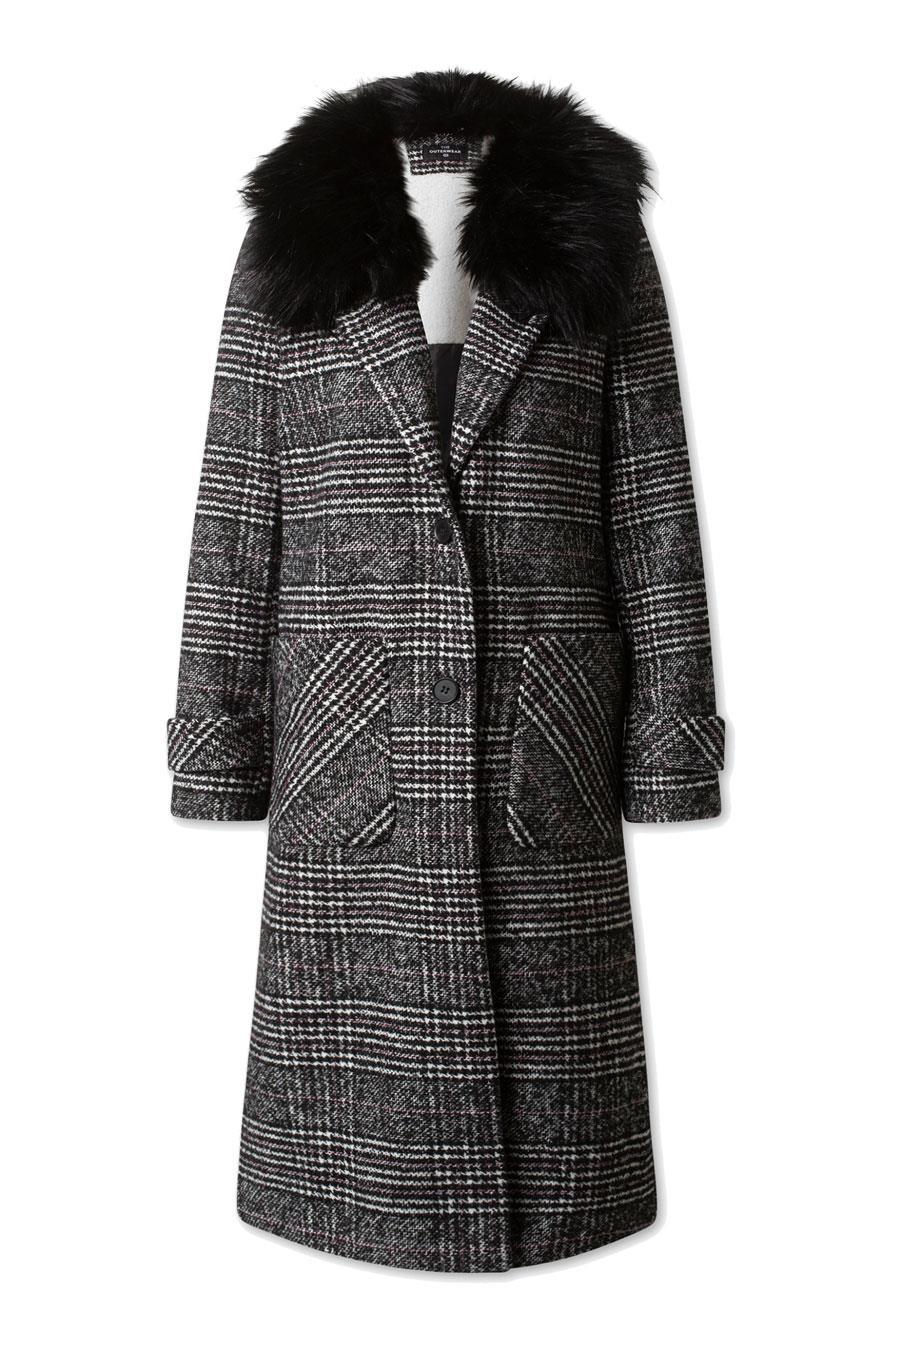 88fc3e75a0c59 Abrigos de mujer baratos  los 50 de moda del invierno 2019 - InStyle